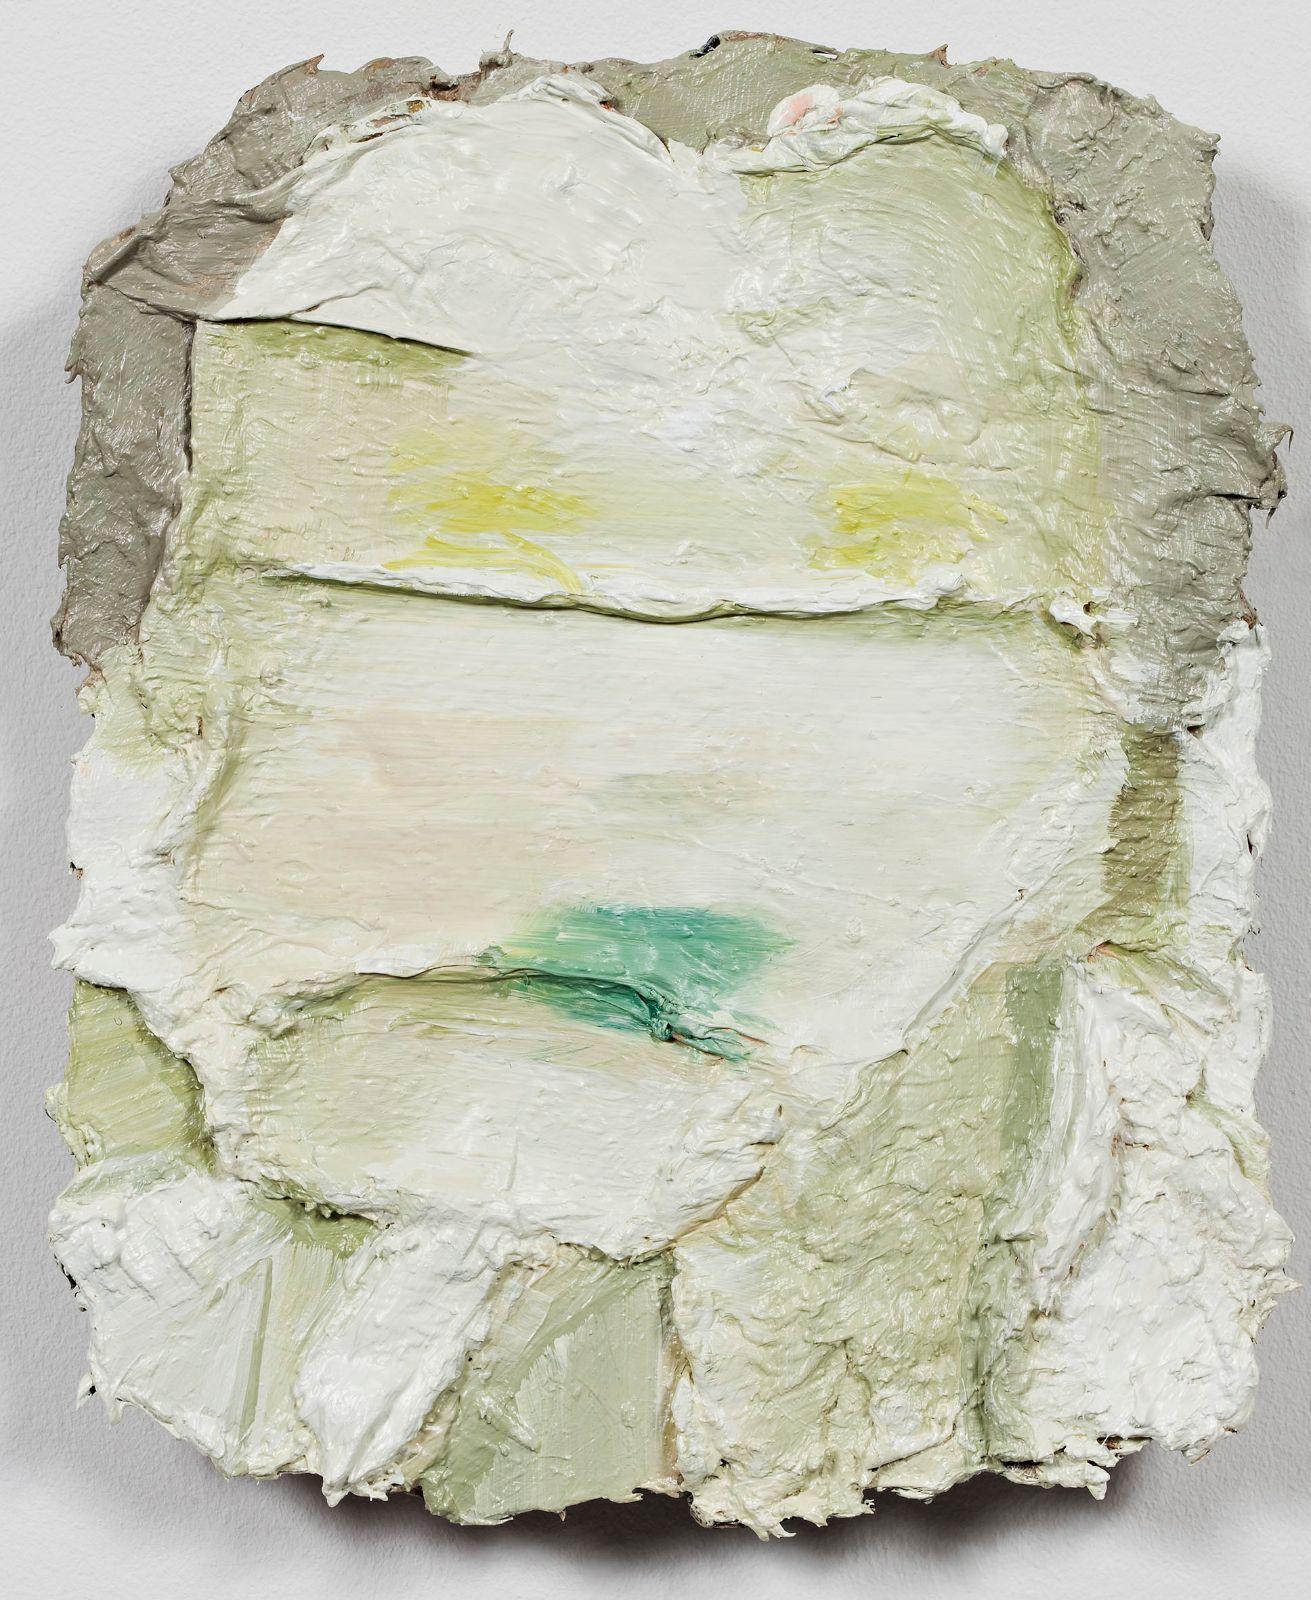 Studie til et ideelt hode (Hvitt/grønt), 2009, oil on canvas over panel, 30.5 x 25.5 cm